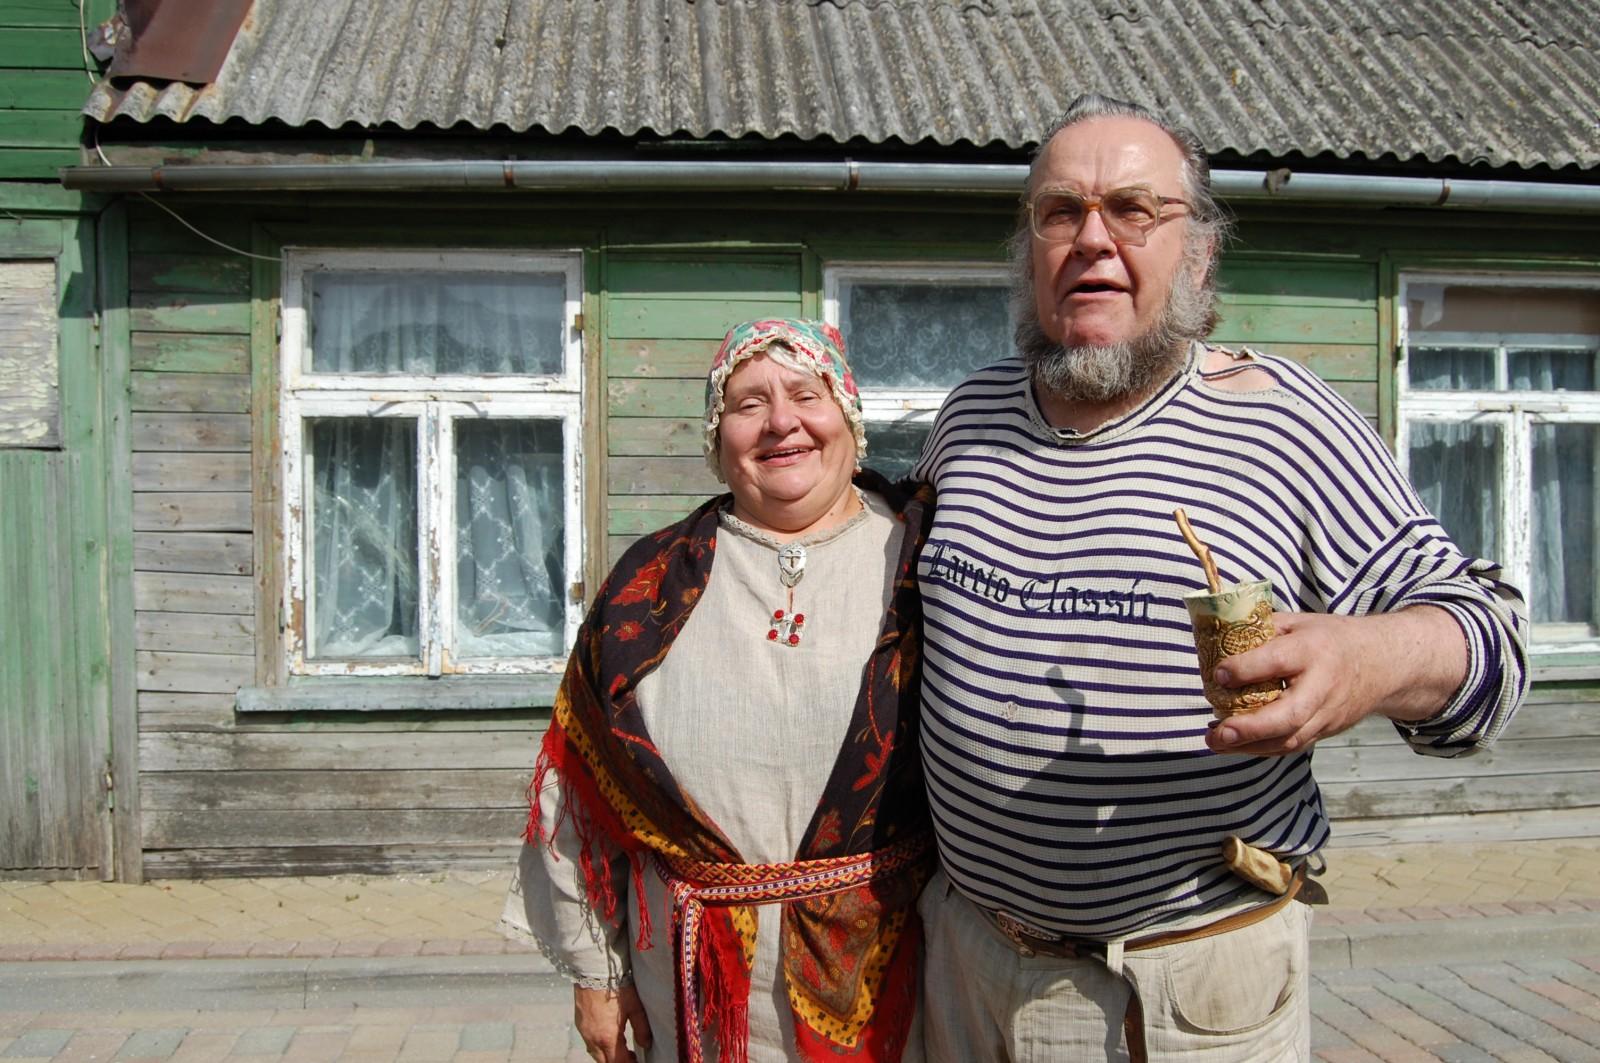 Фото галереи со старушками 10 фотография